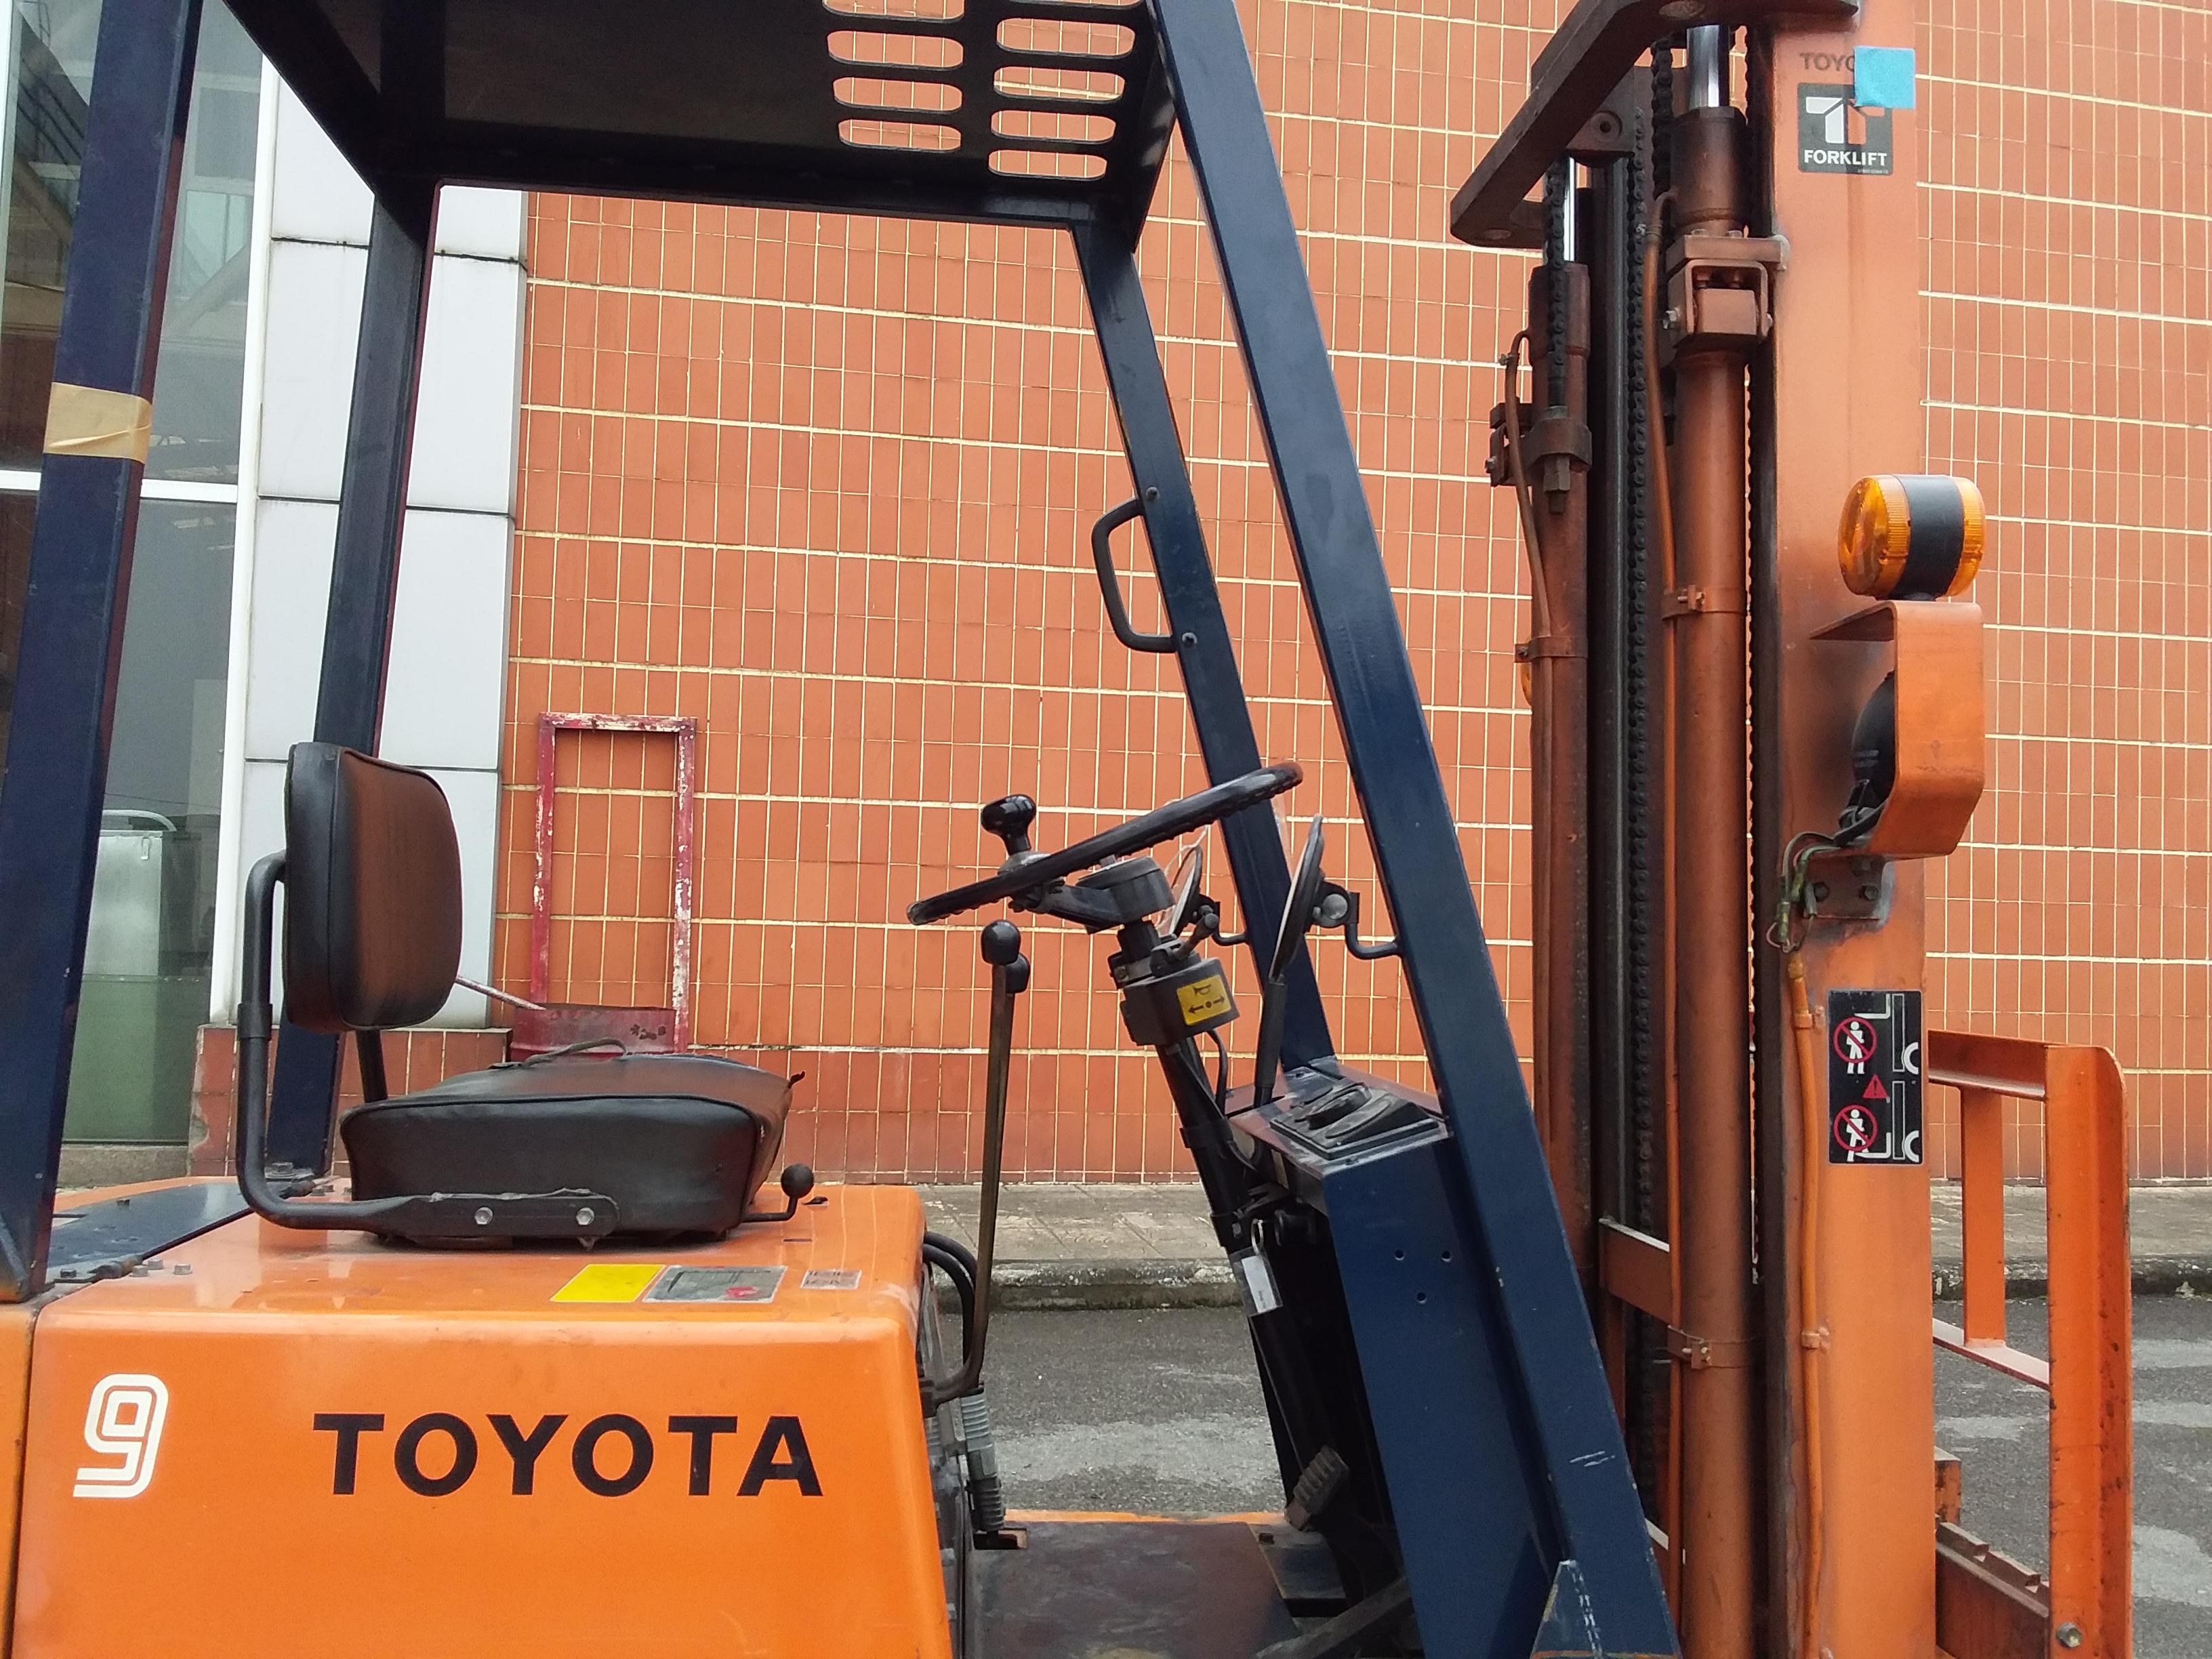 ảnh khoang lái Xe nâng điện cũ Toyota 1.3 tấn, model:5FBRS13,sk:5FBRS13-10047, nâng cao 4m, sx 1987.